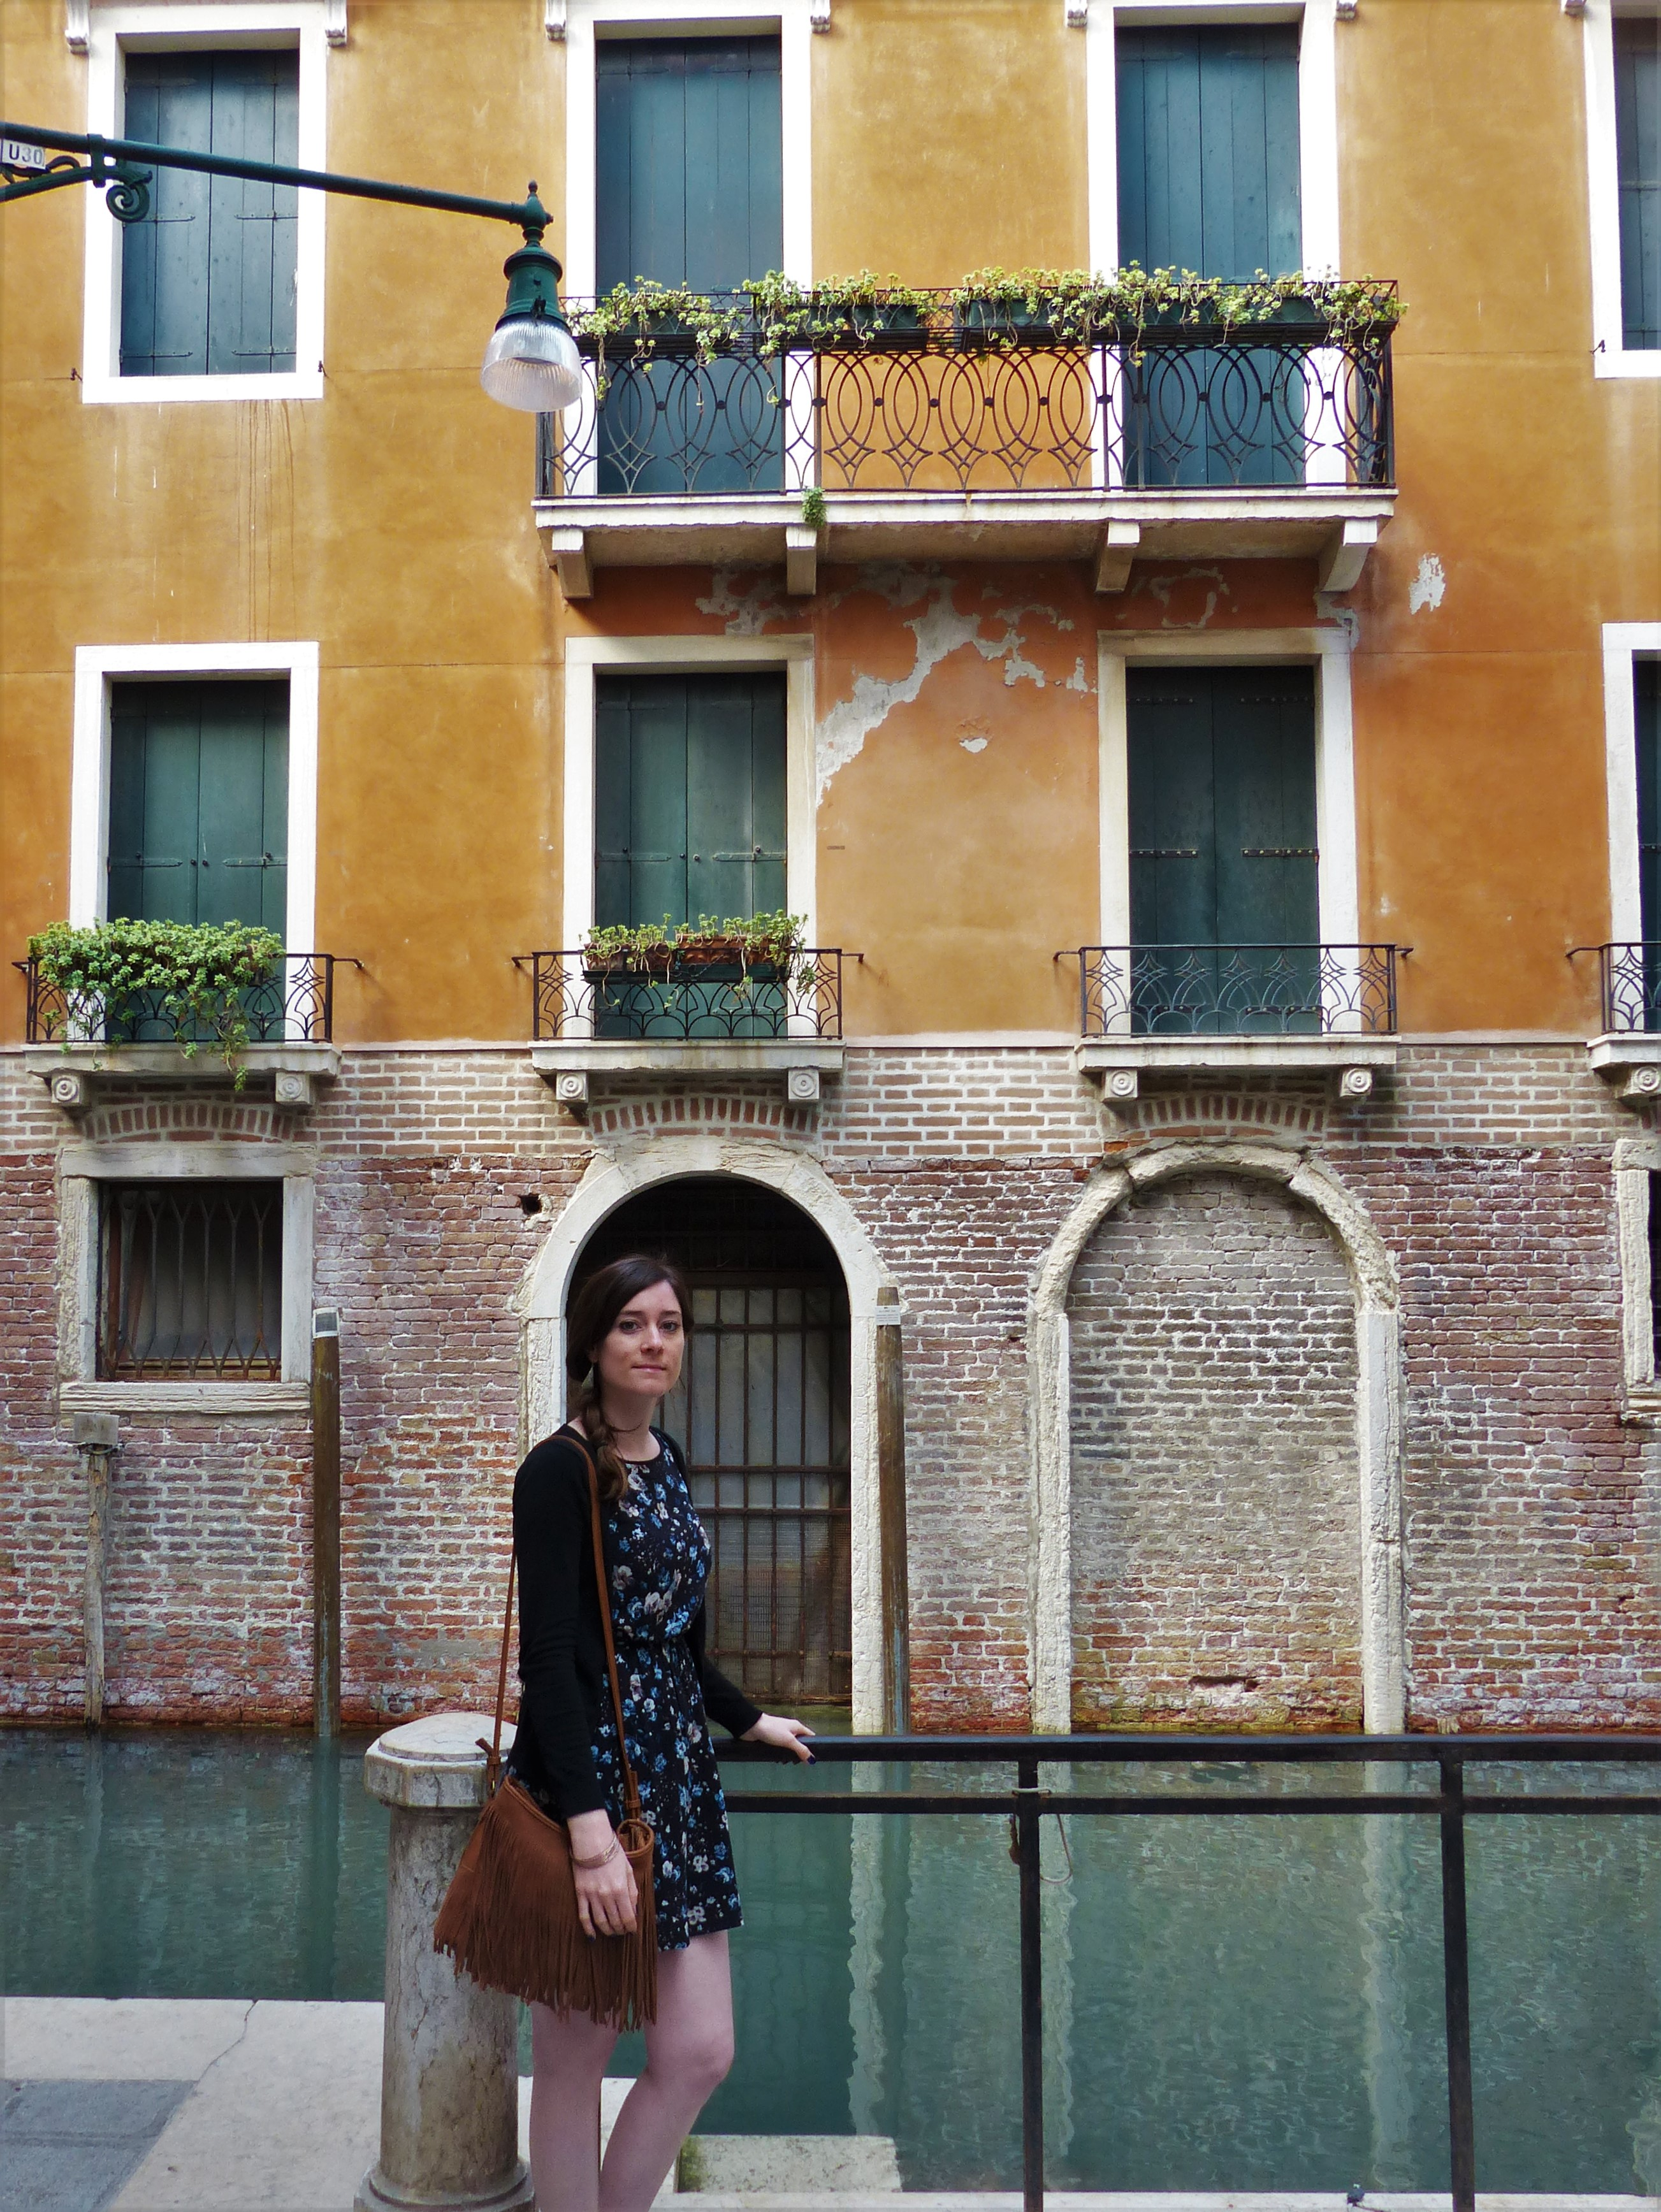 San Marco